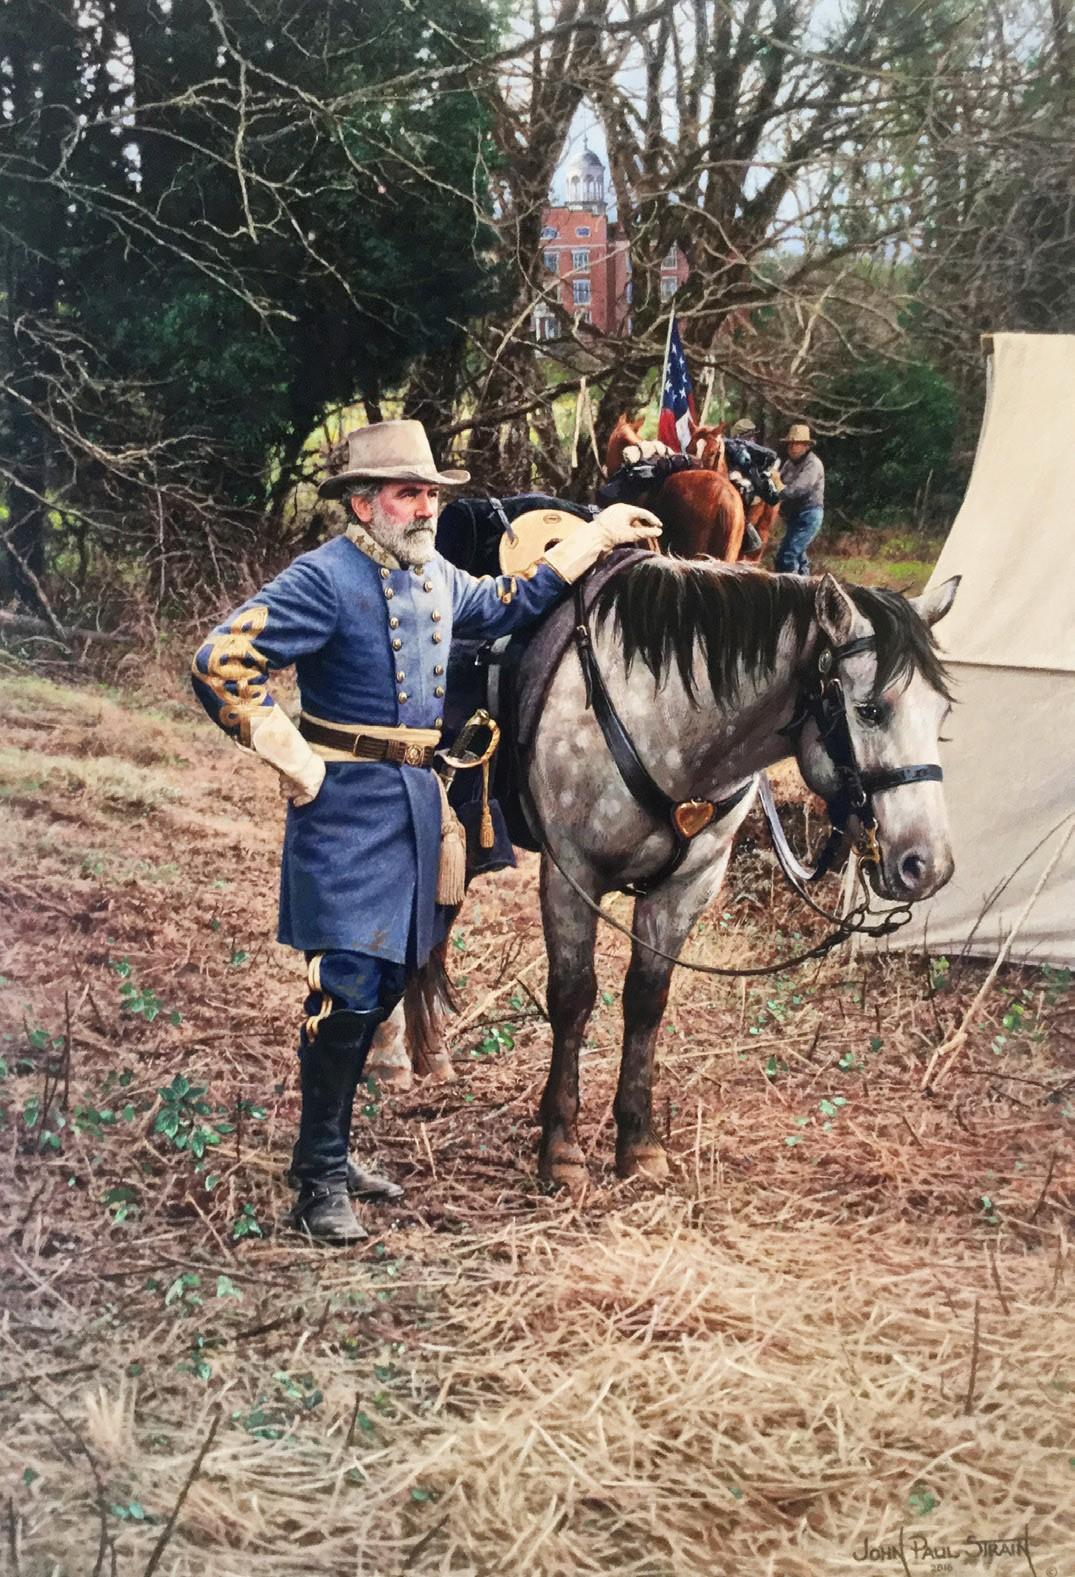 General Lee in Gettysburg